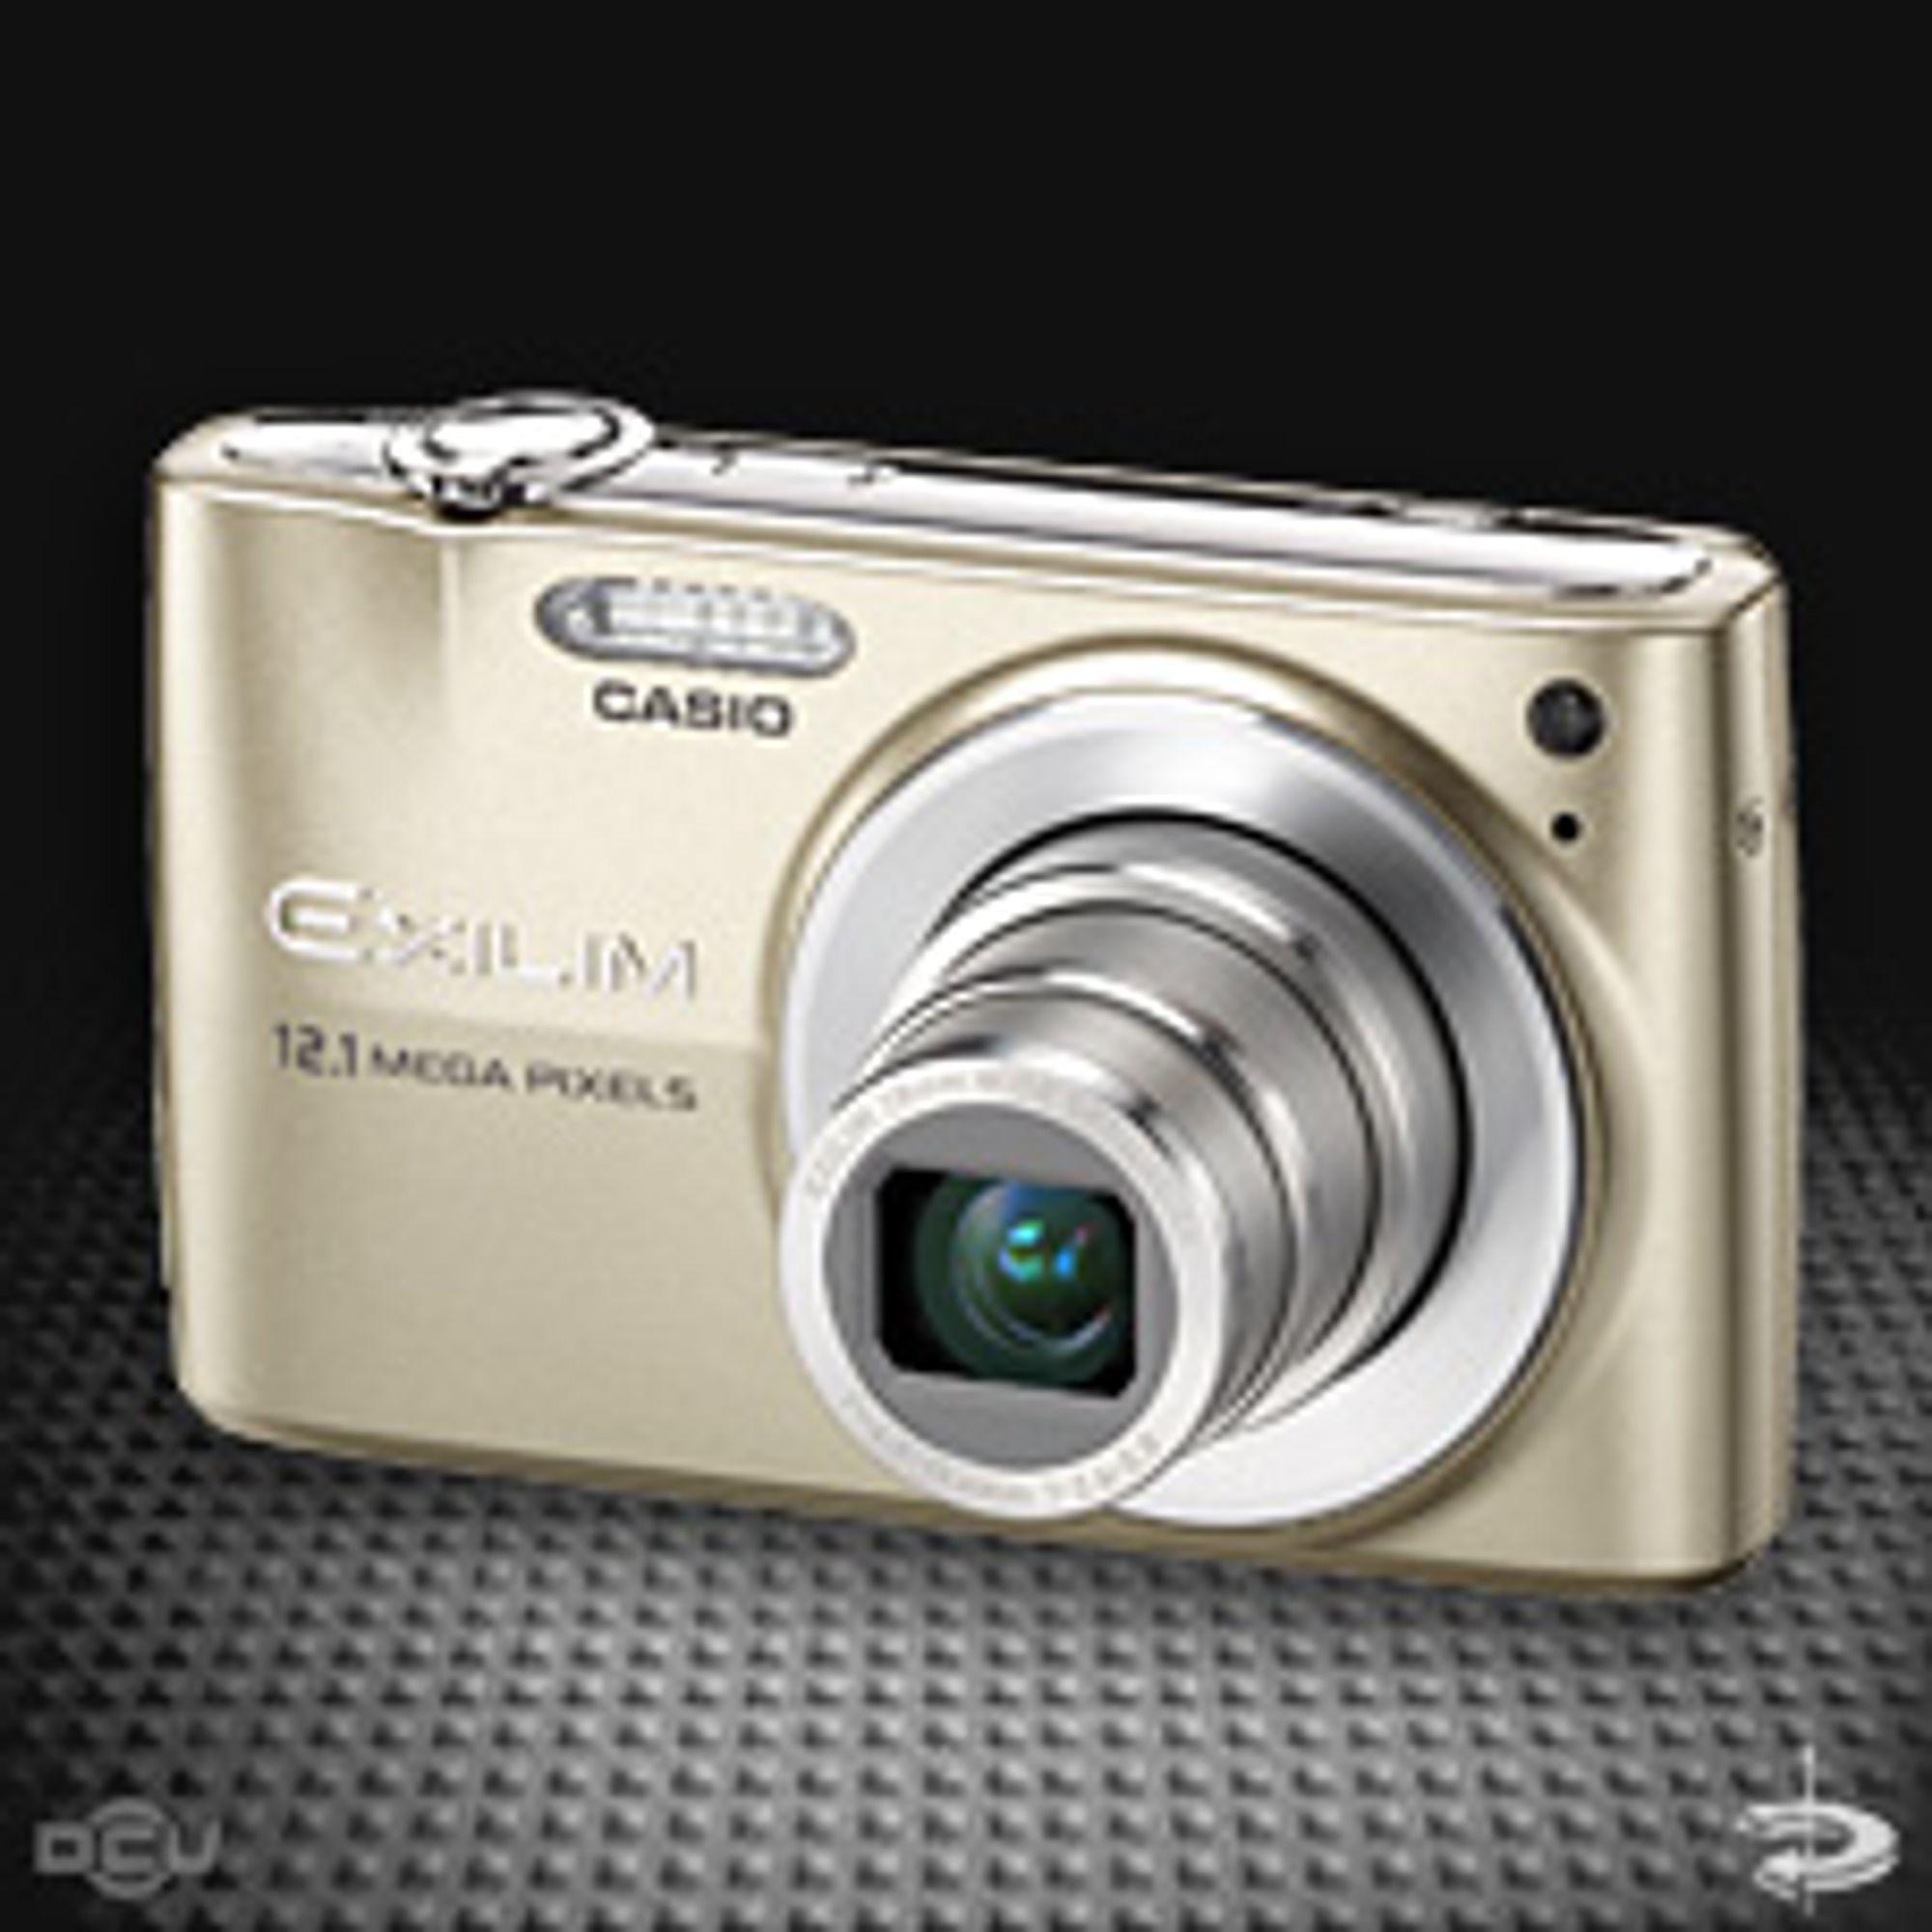 Casio Exilim Zoom EX-Z400